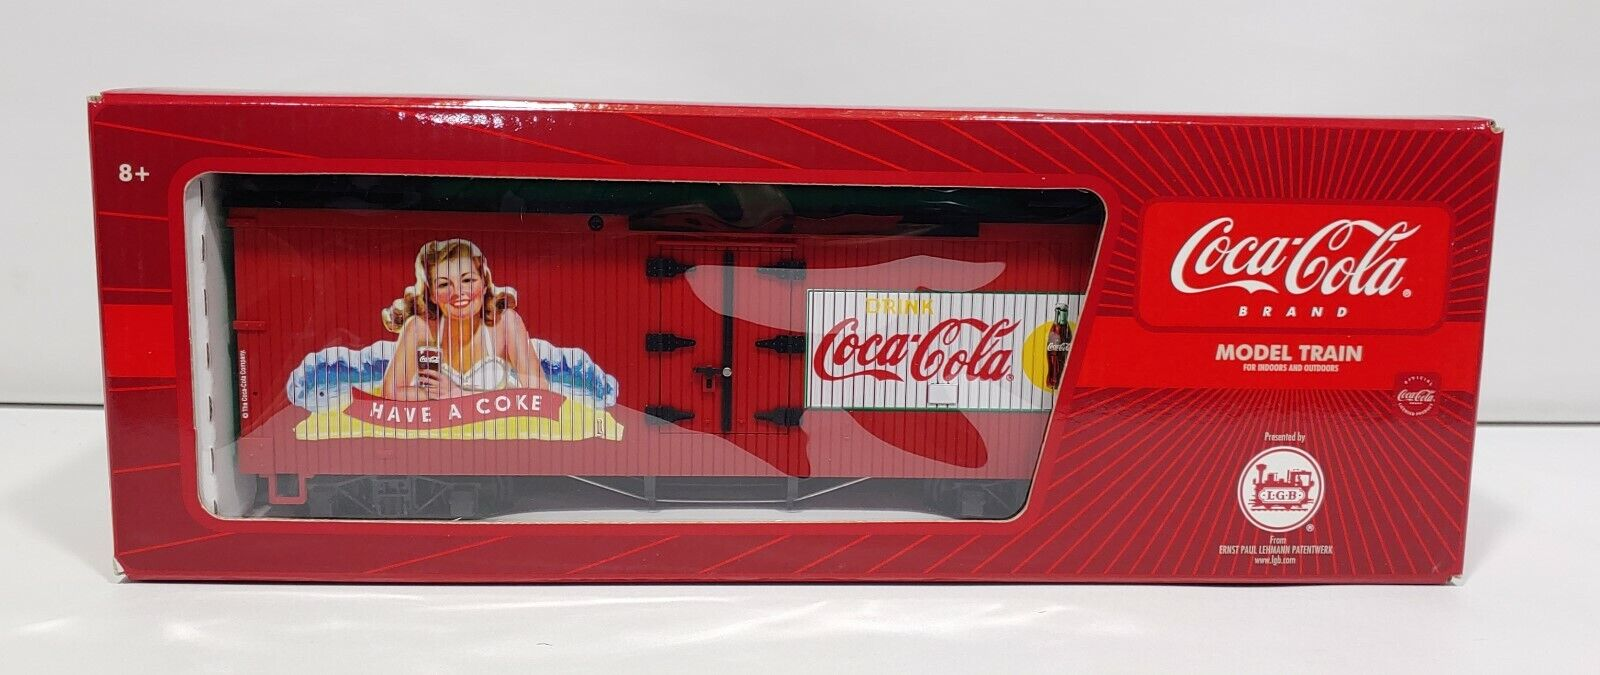 LGB Coca Cola Marca refrigerado coche de caja tienen una coca cola